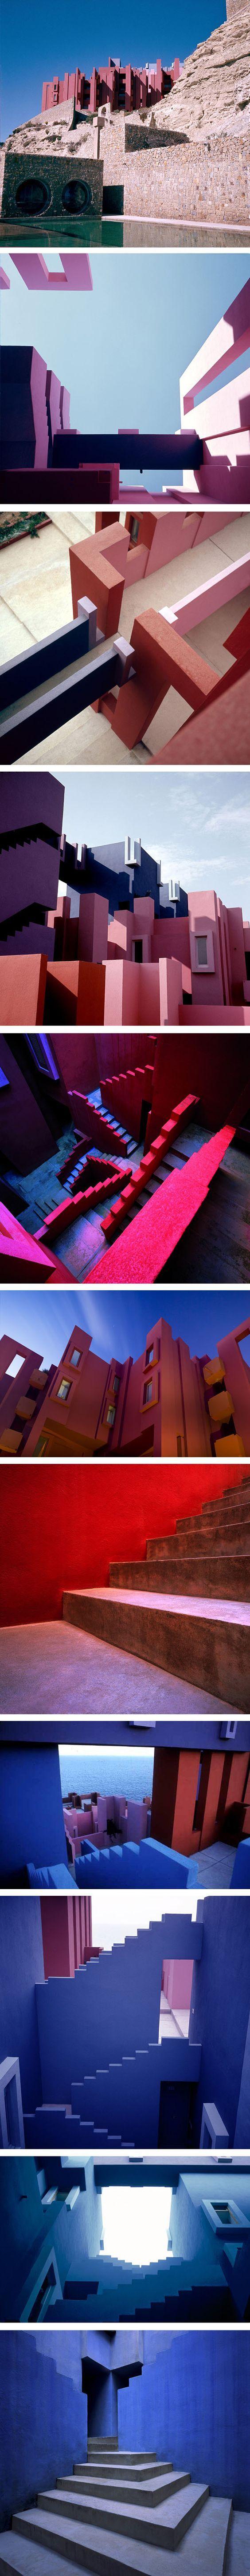 Einfache wohnarchitektur hall die  besten bilder zu architecture auf pinterest  tadao ando